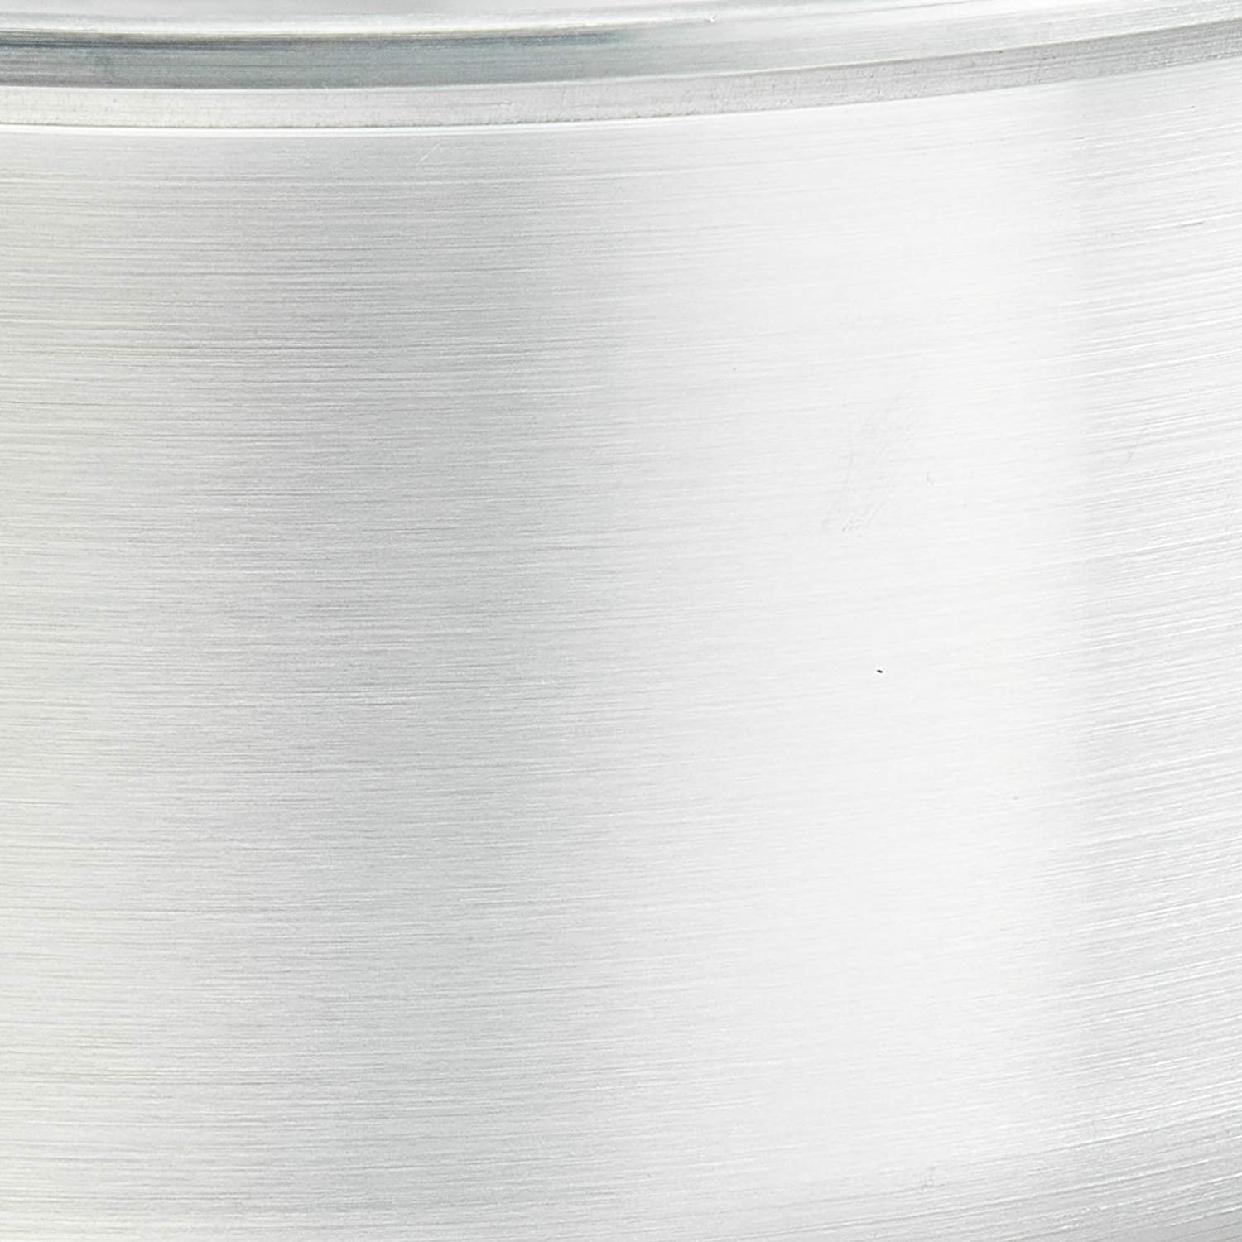 PRO CHEF(プロシェフ) アルミ 浅型片手鍋(目盛付)18cmの商品画像5